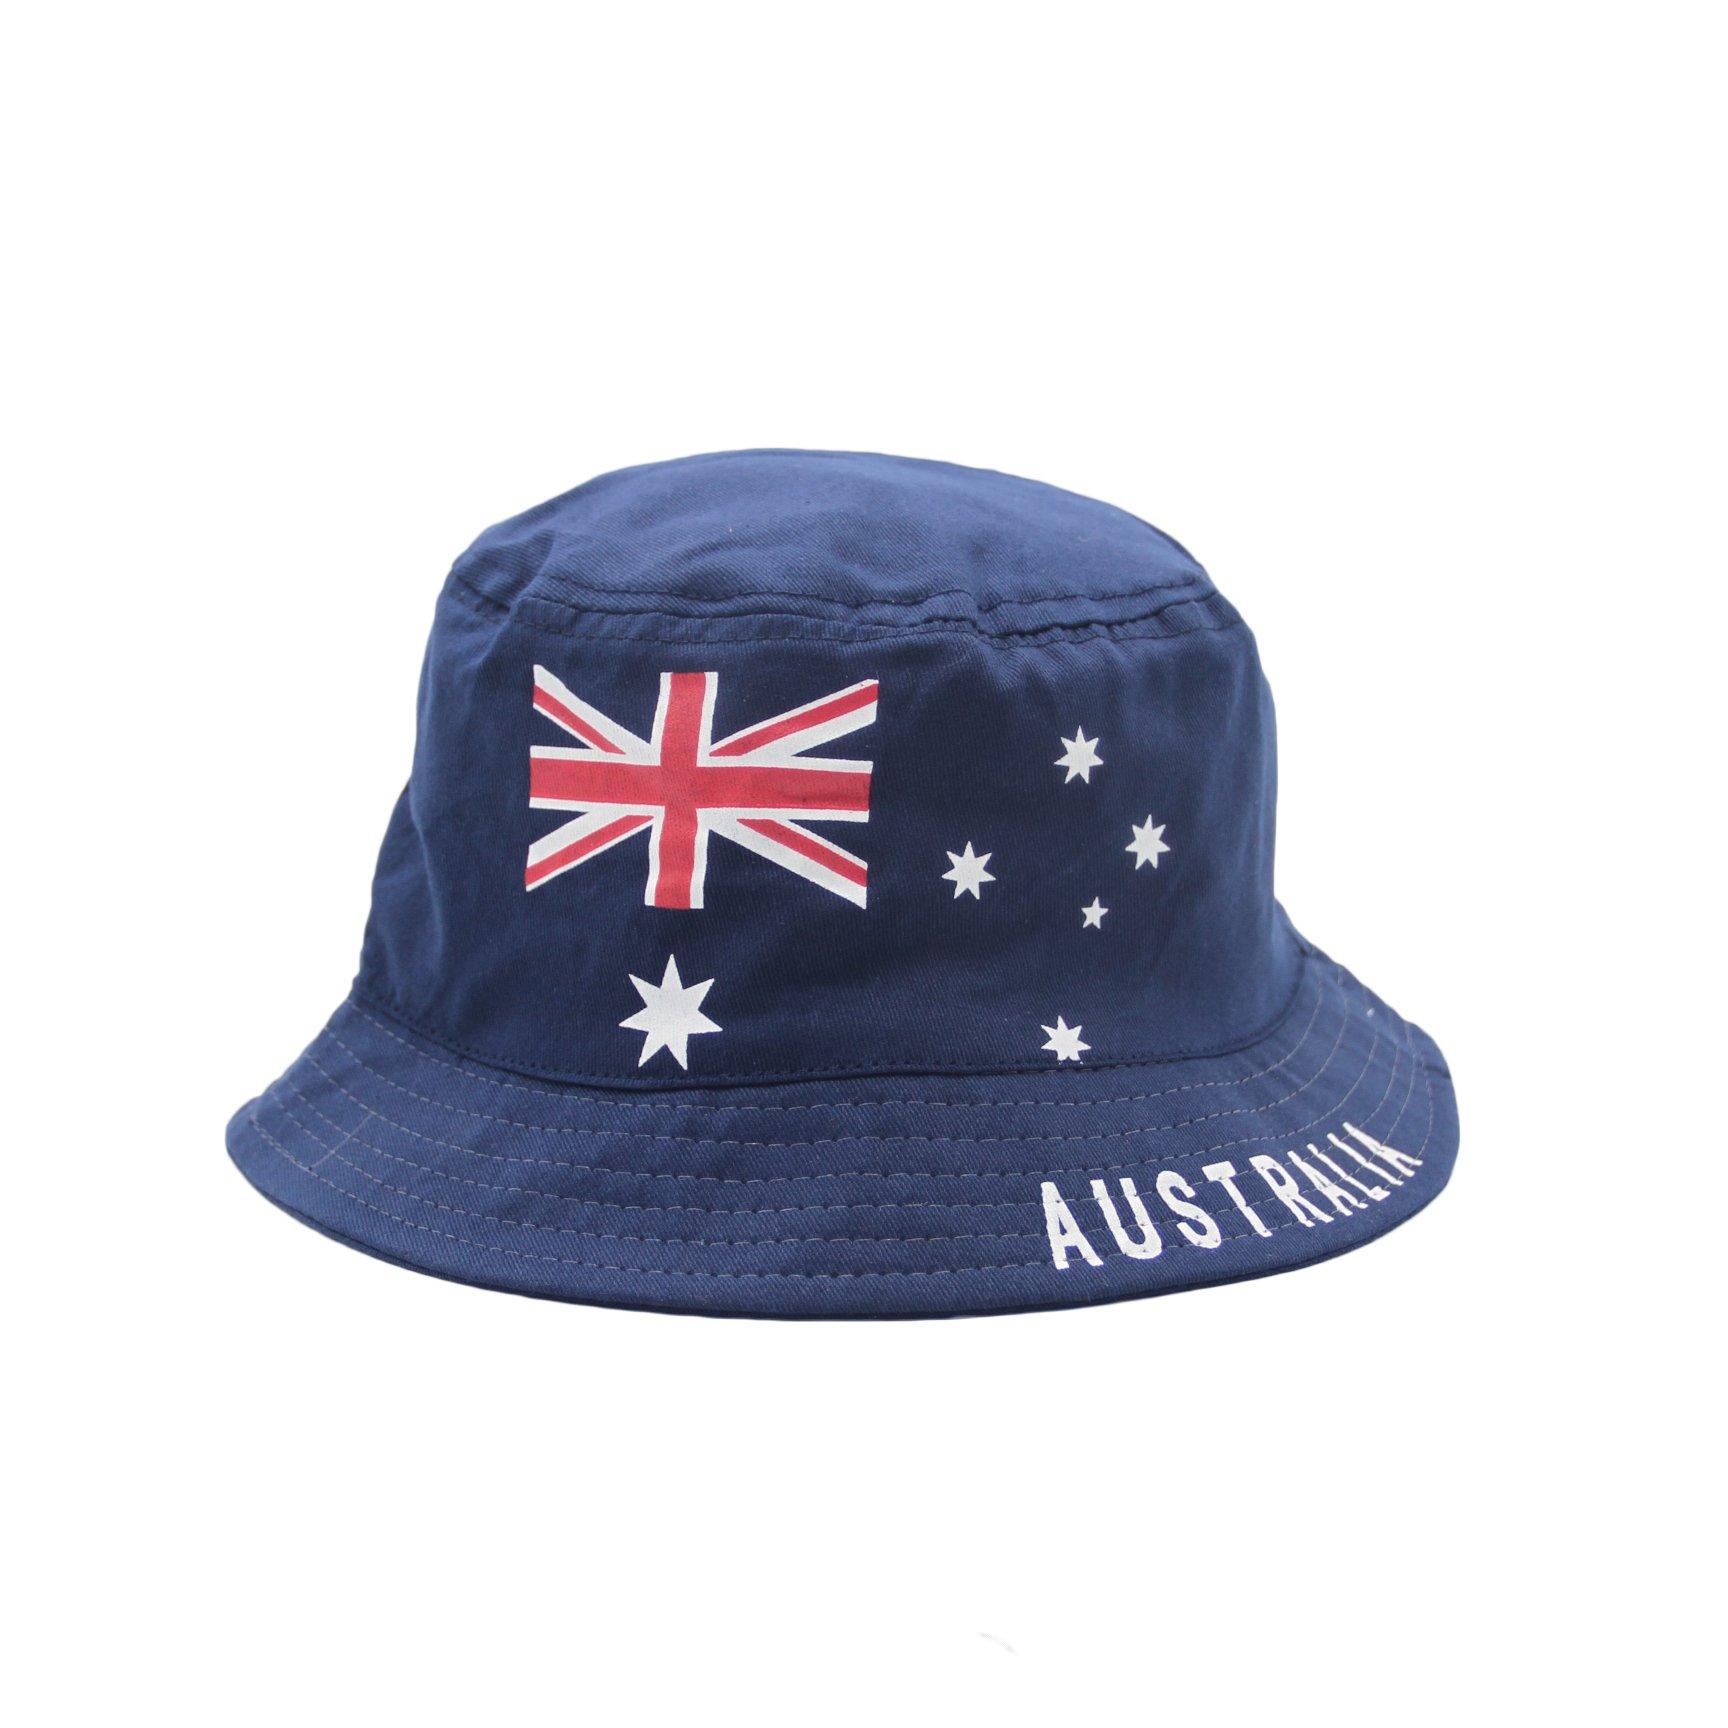 108c8470d7c Australia ANZAC Day Souvenir Flag Sun Protection Cotton Bucket Hat Costume  Dress